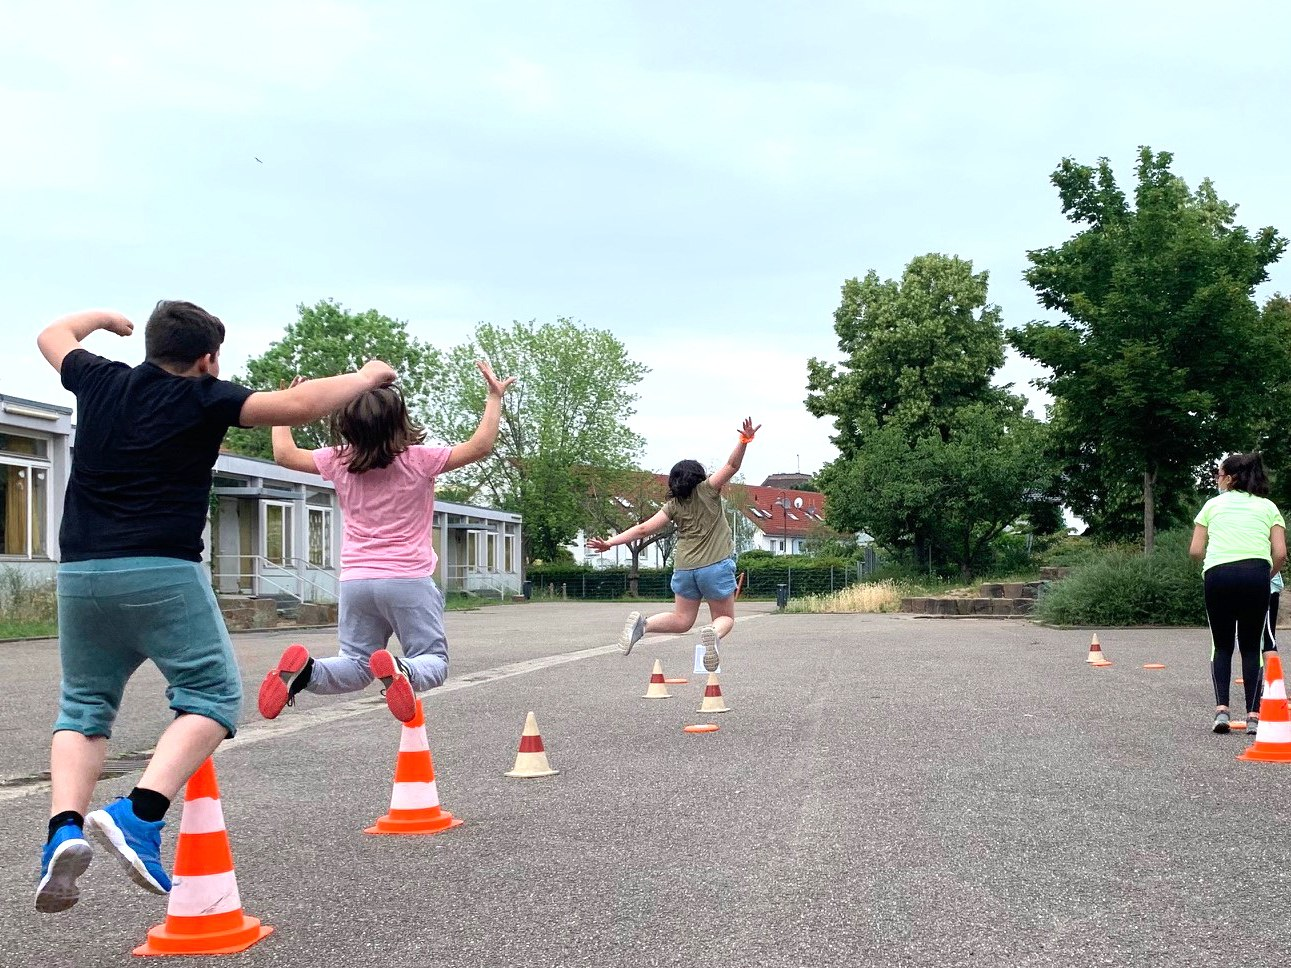 Adipositas-Schulungsprogramm startet wieder nach den Sommerferien – Anmeldung ab sofort möglich: